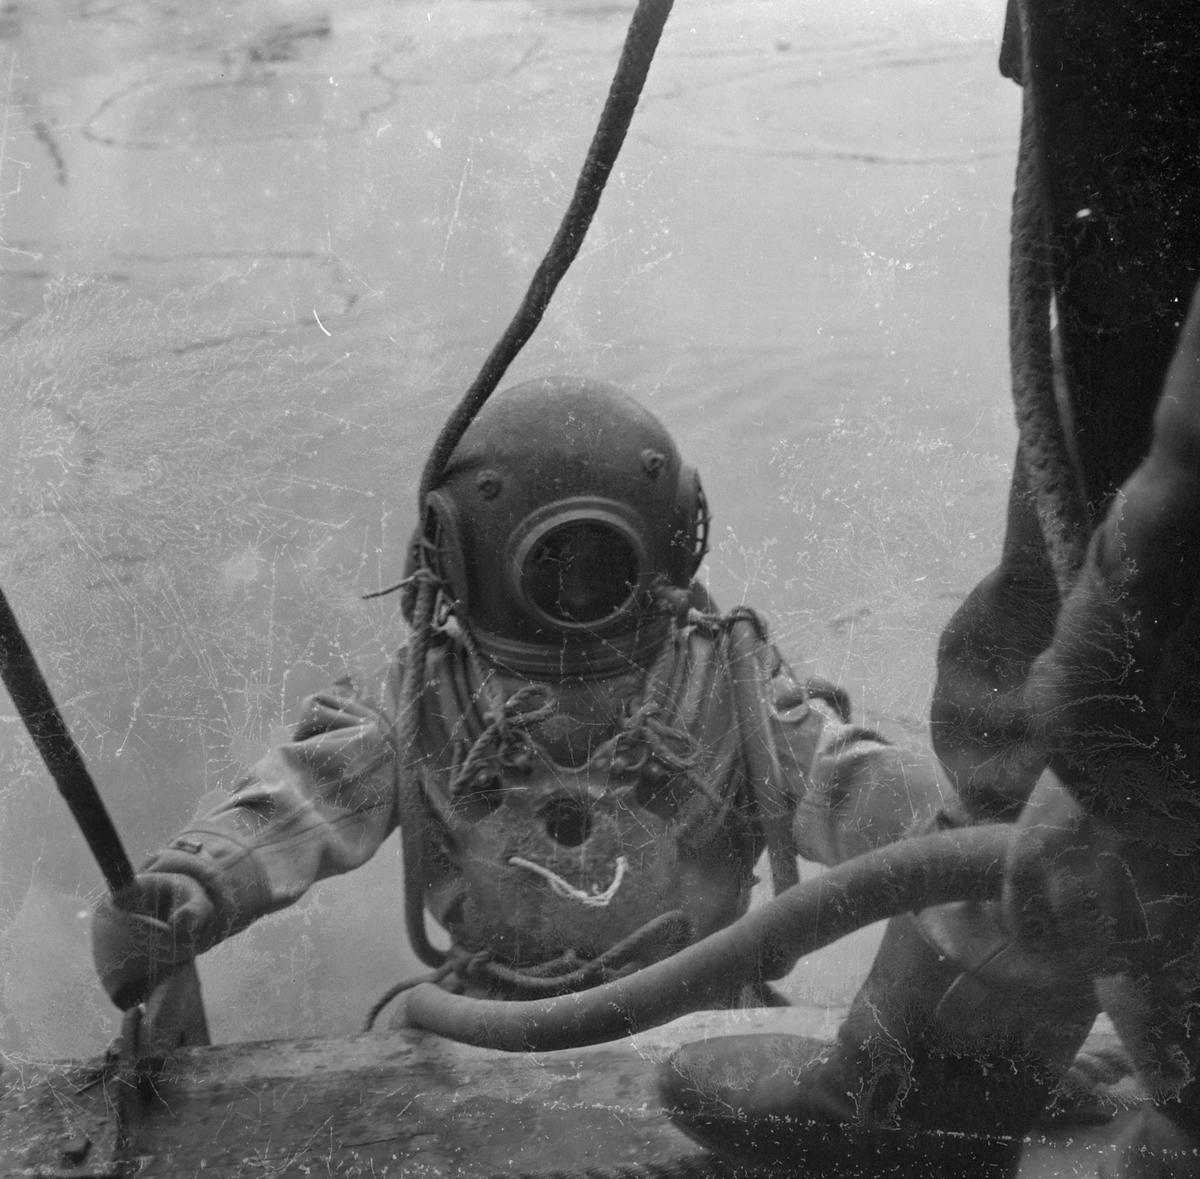 Sjøforsvarets Dykker- og froskemannskole holder avsluttende prøver på Nyhavna.